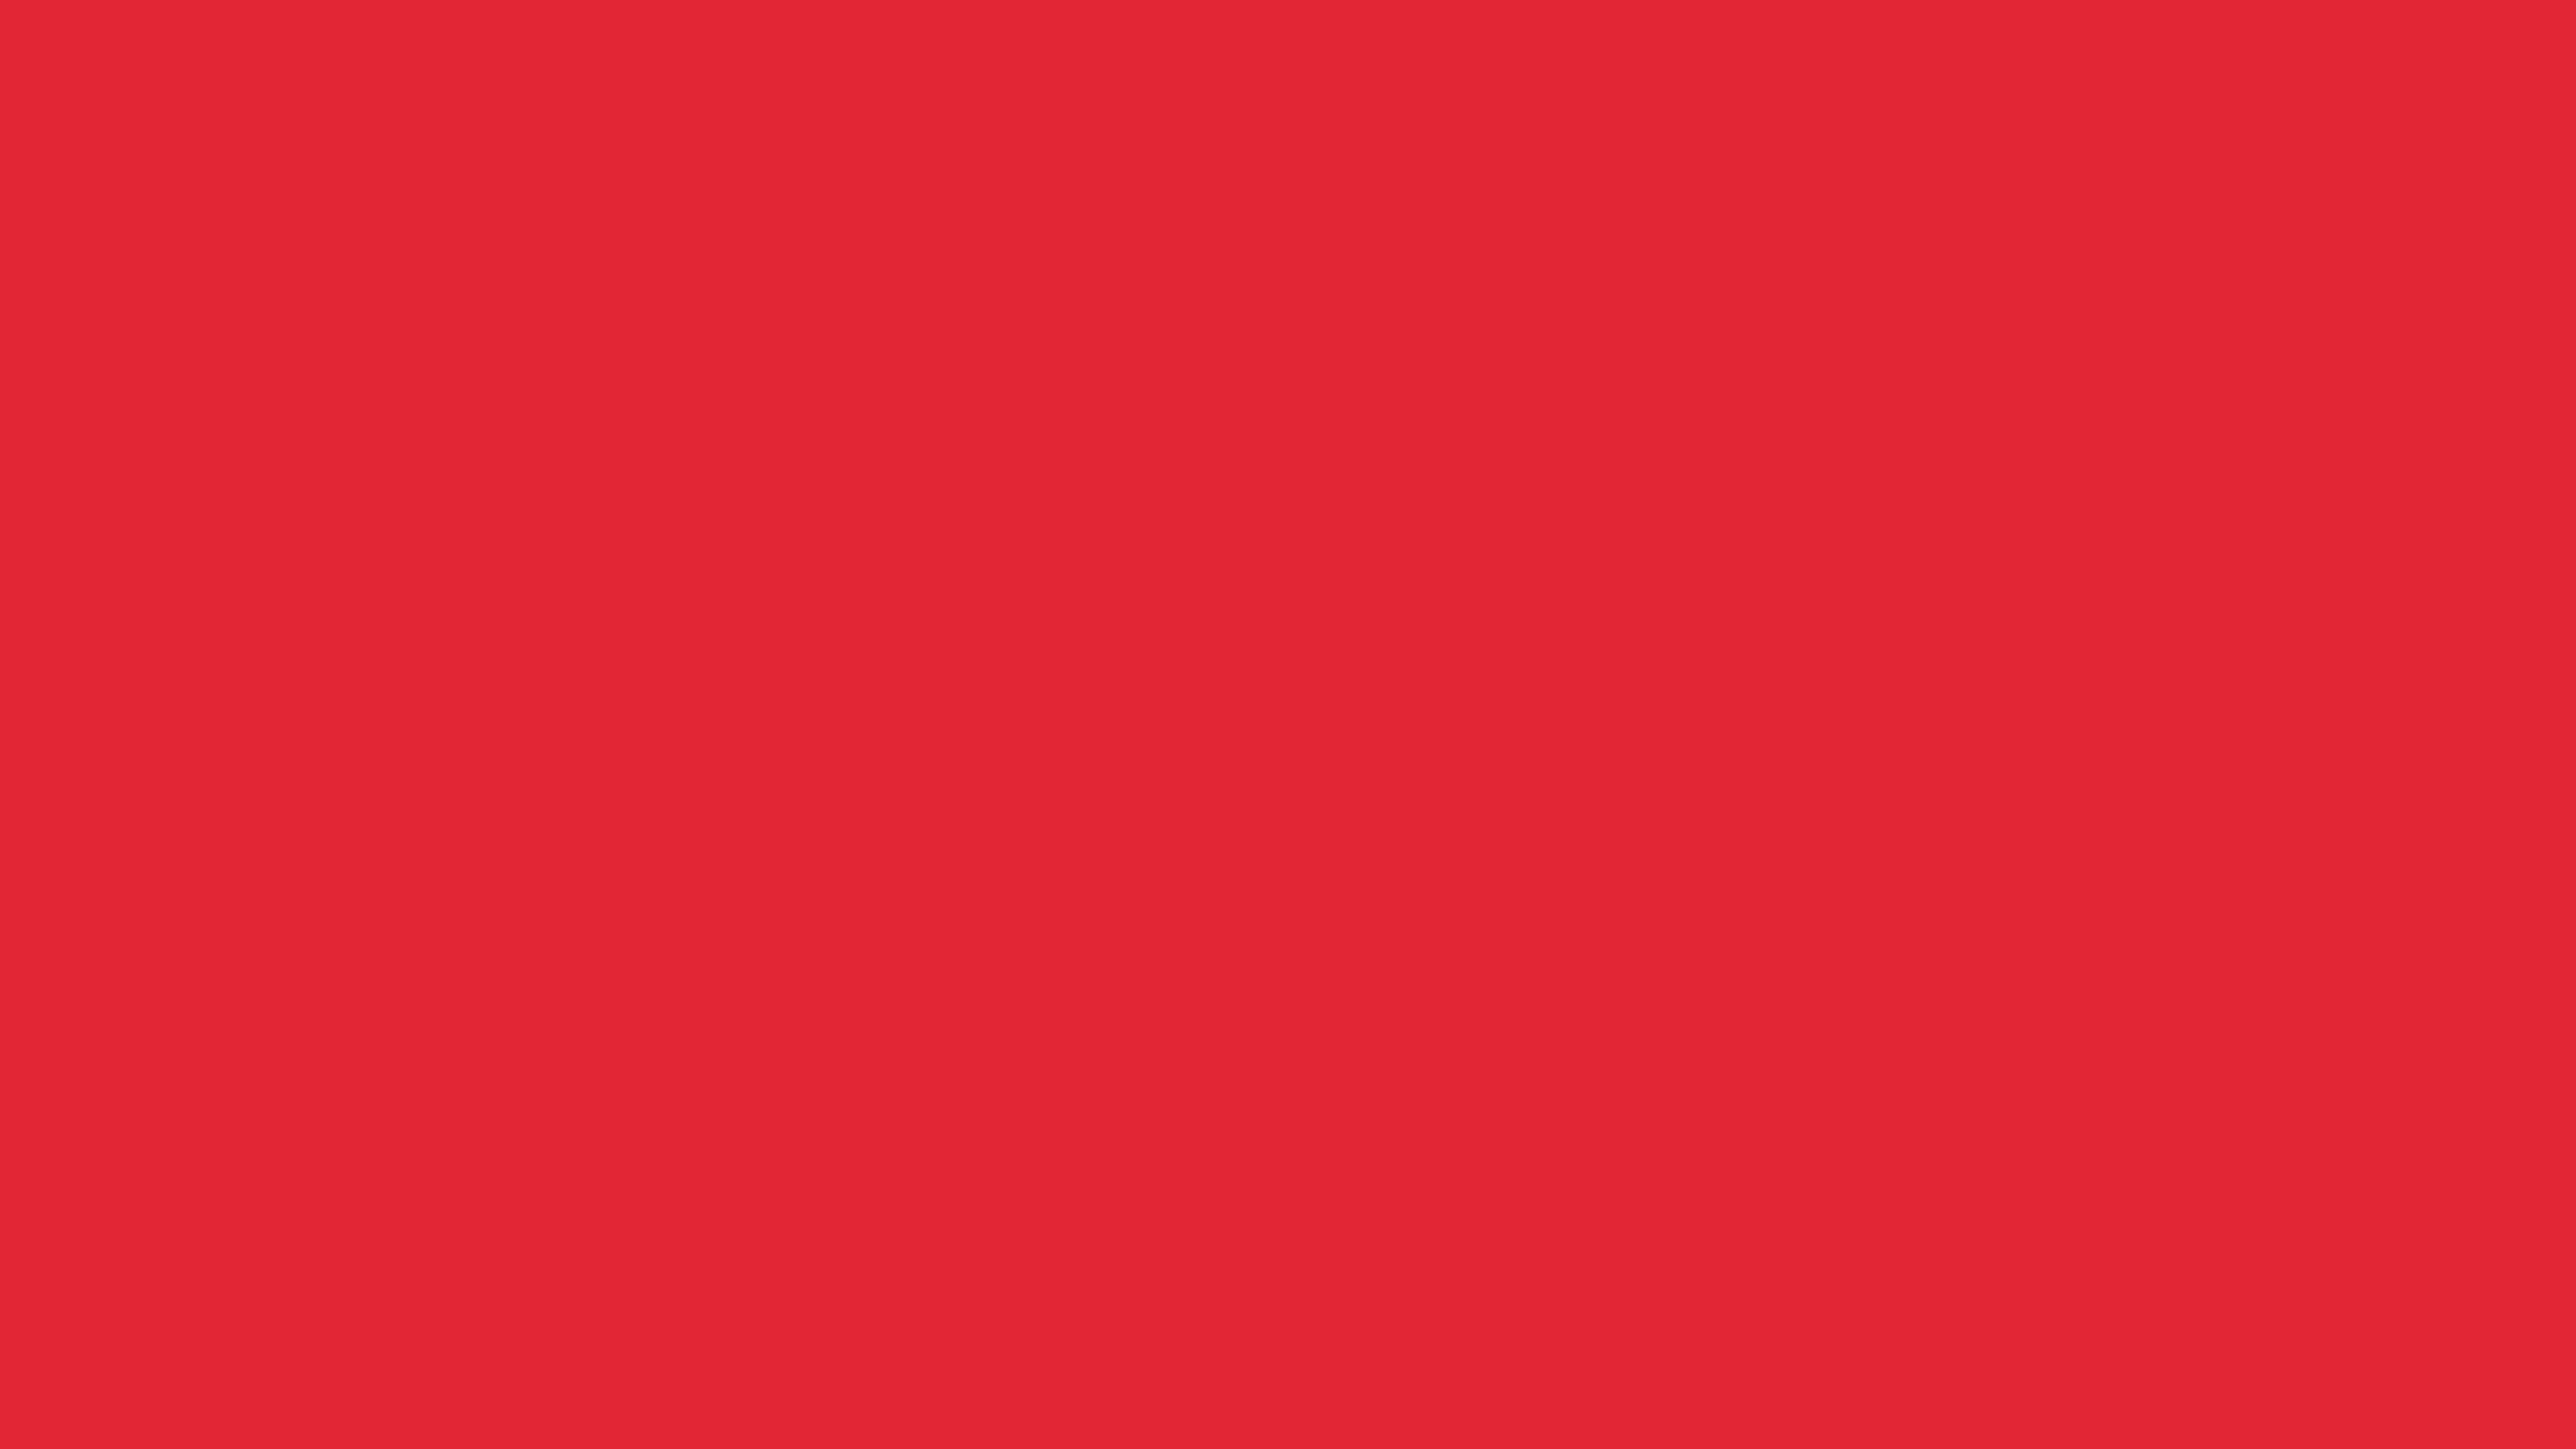 5120x2880 Rose Madder Solid Color Background